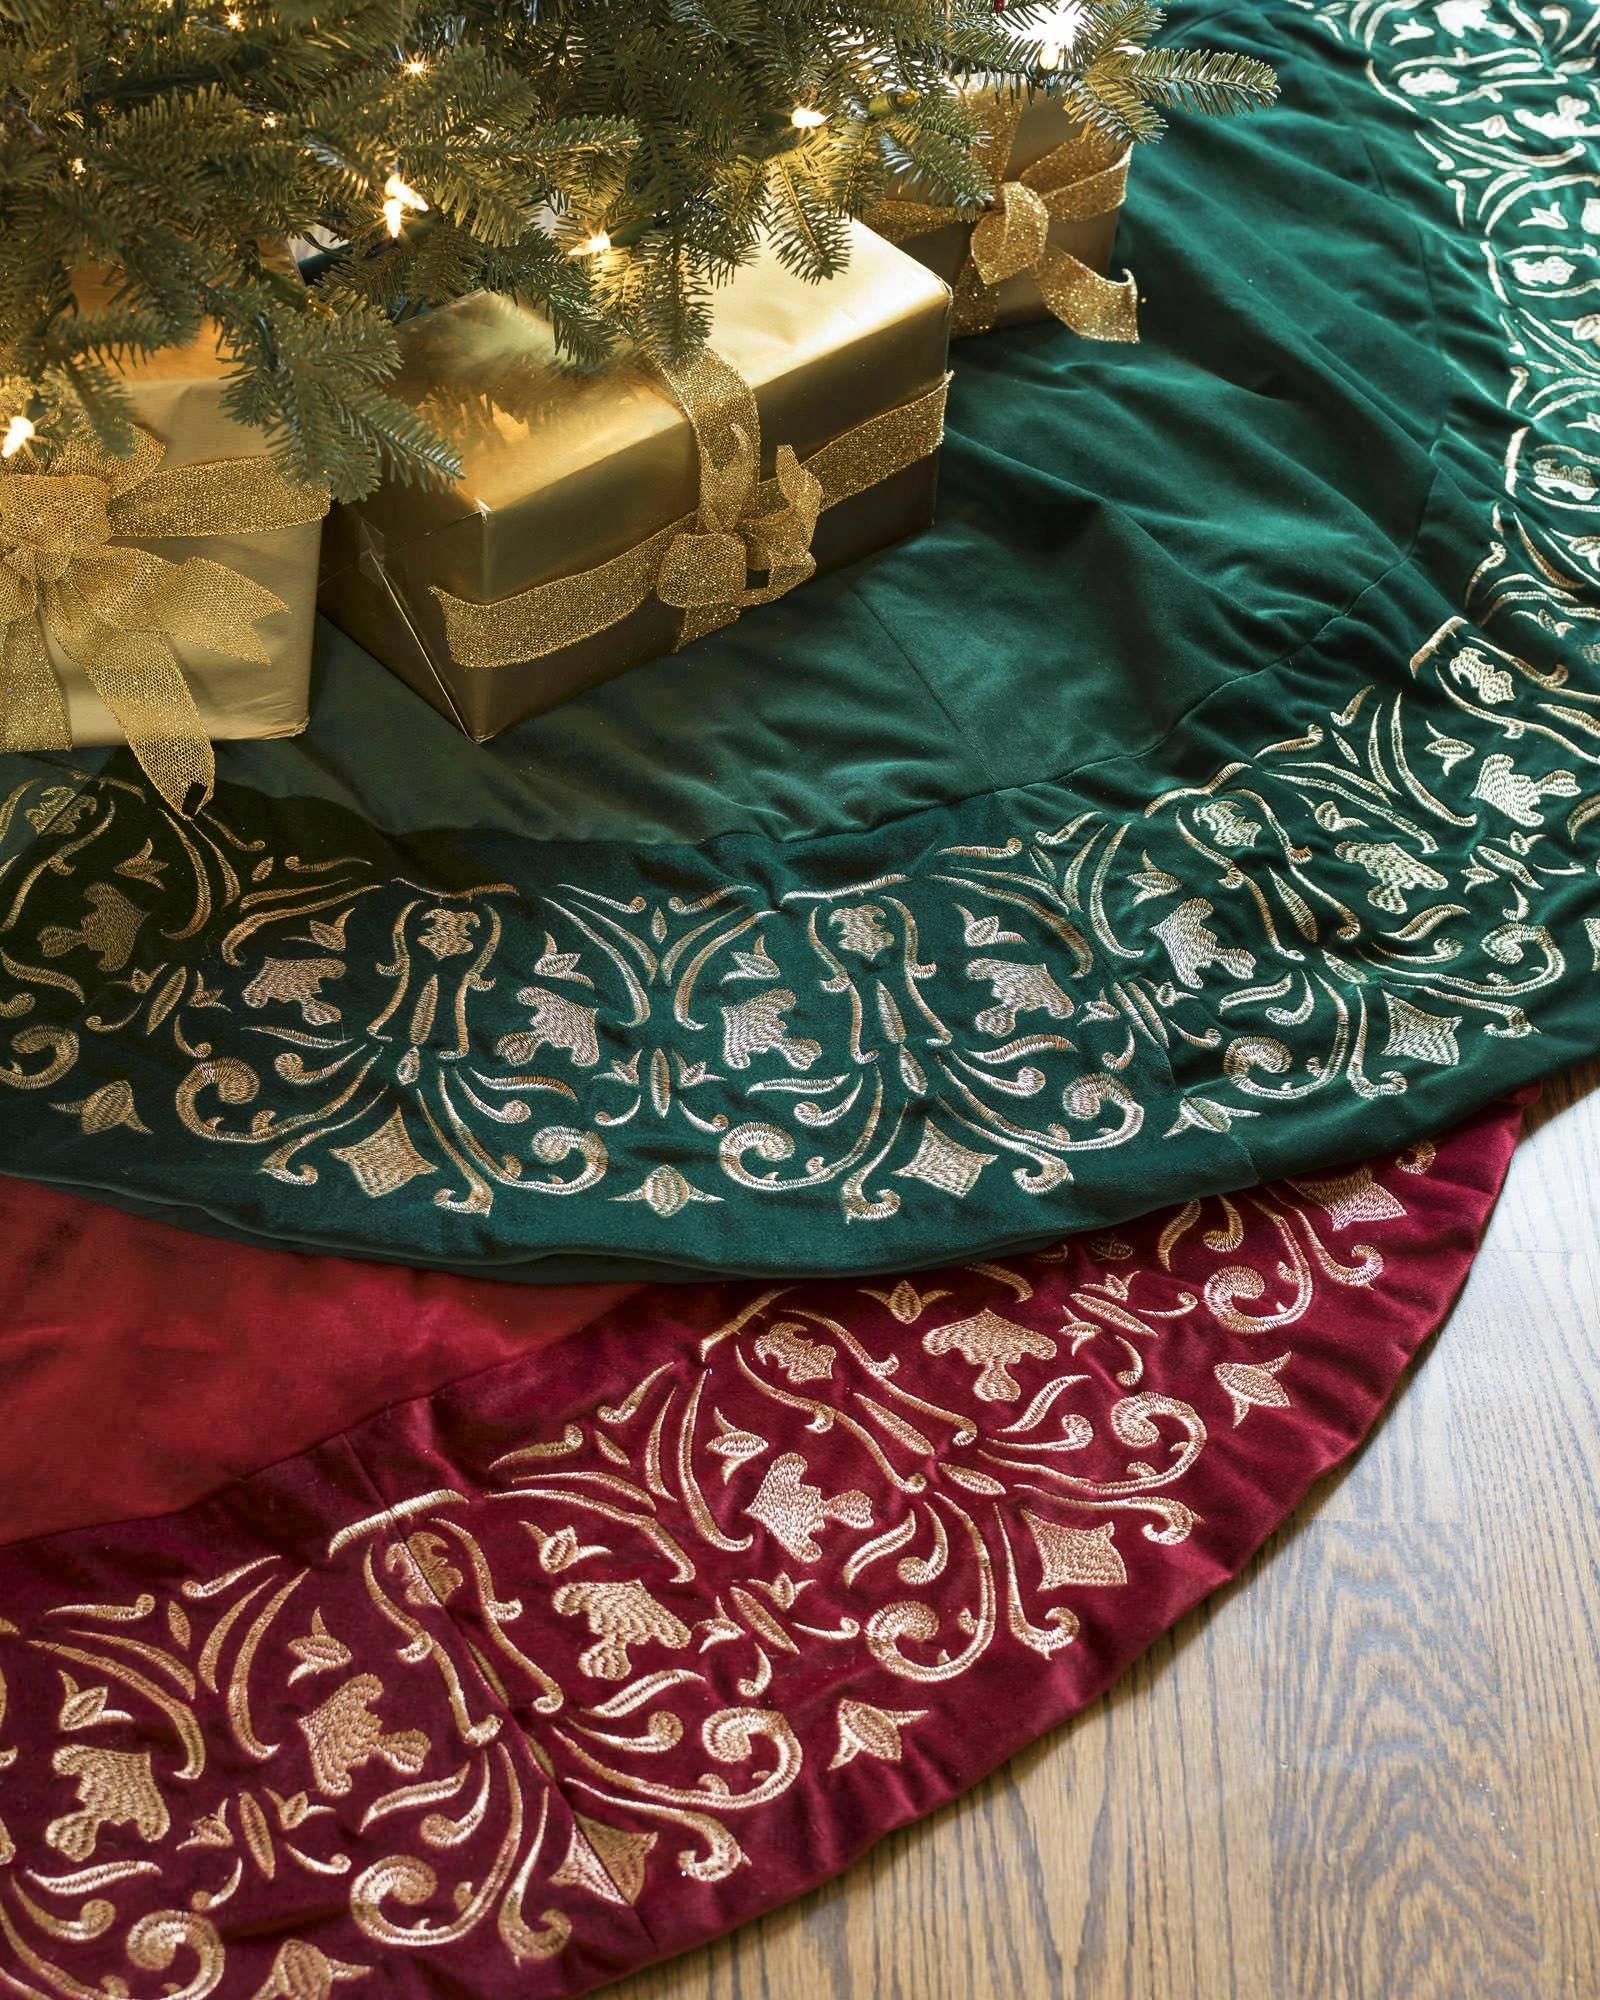 roll - Teal Christmas Tree Skirt